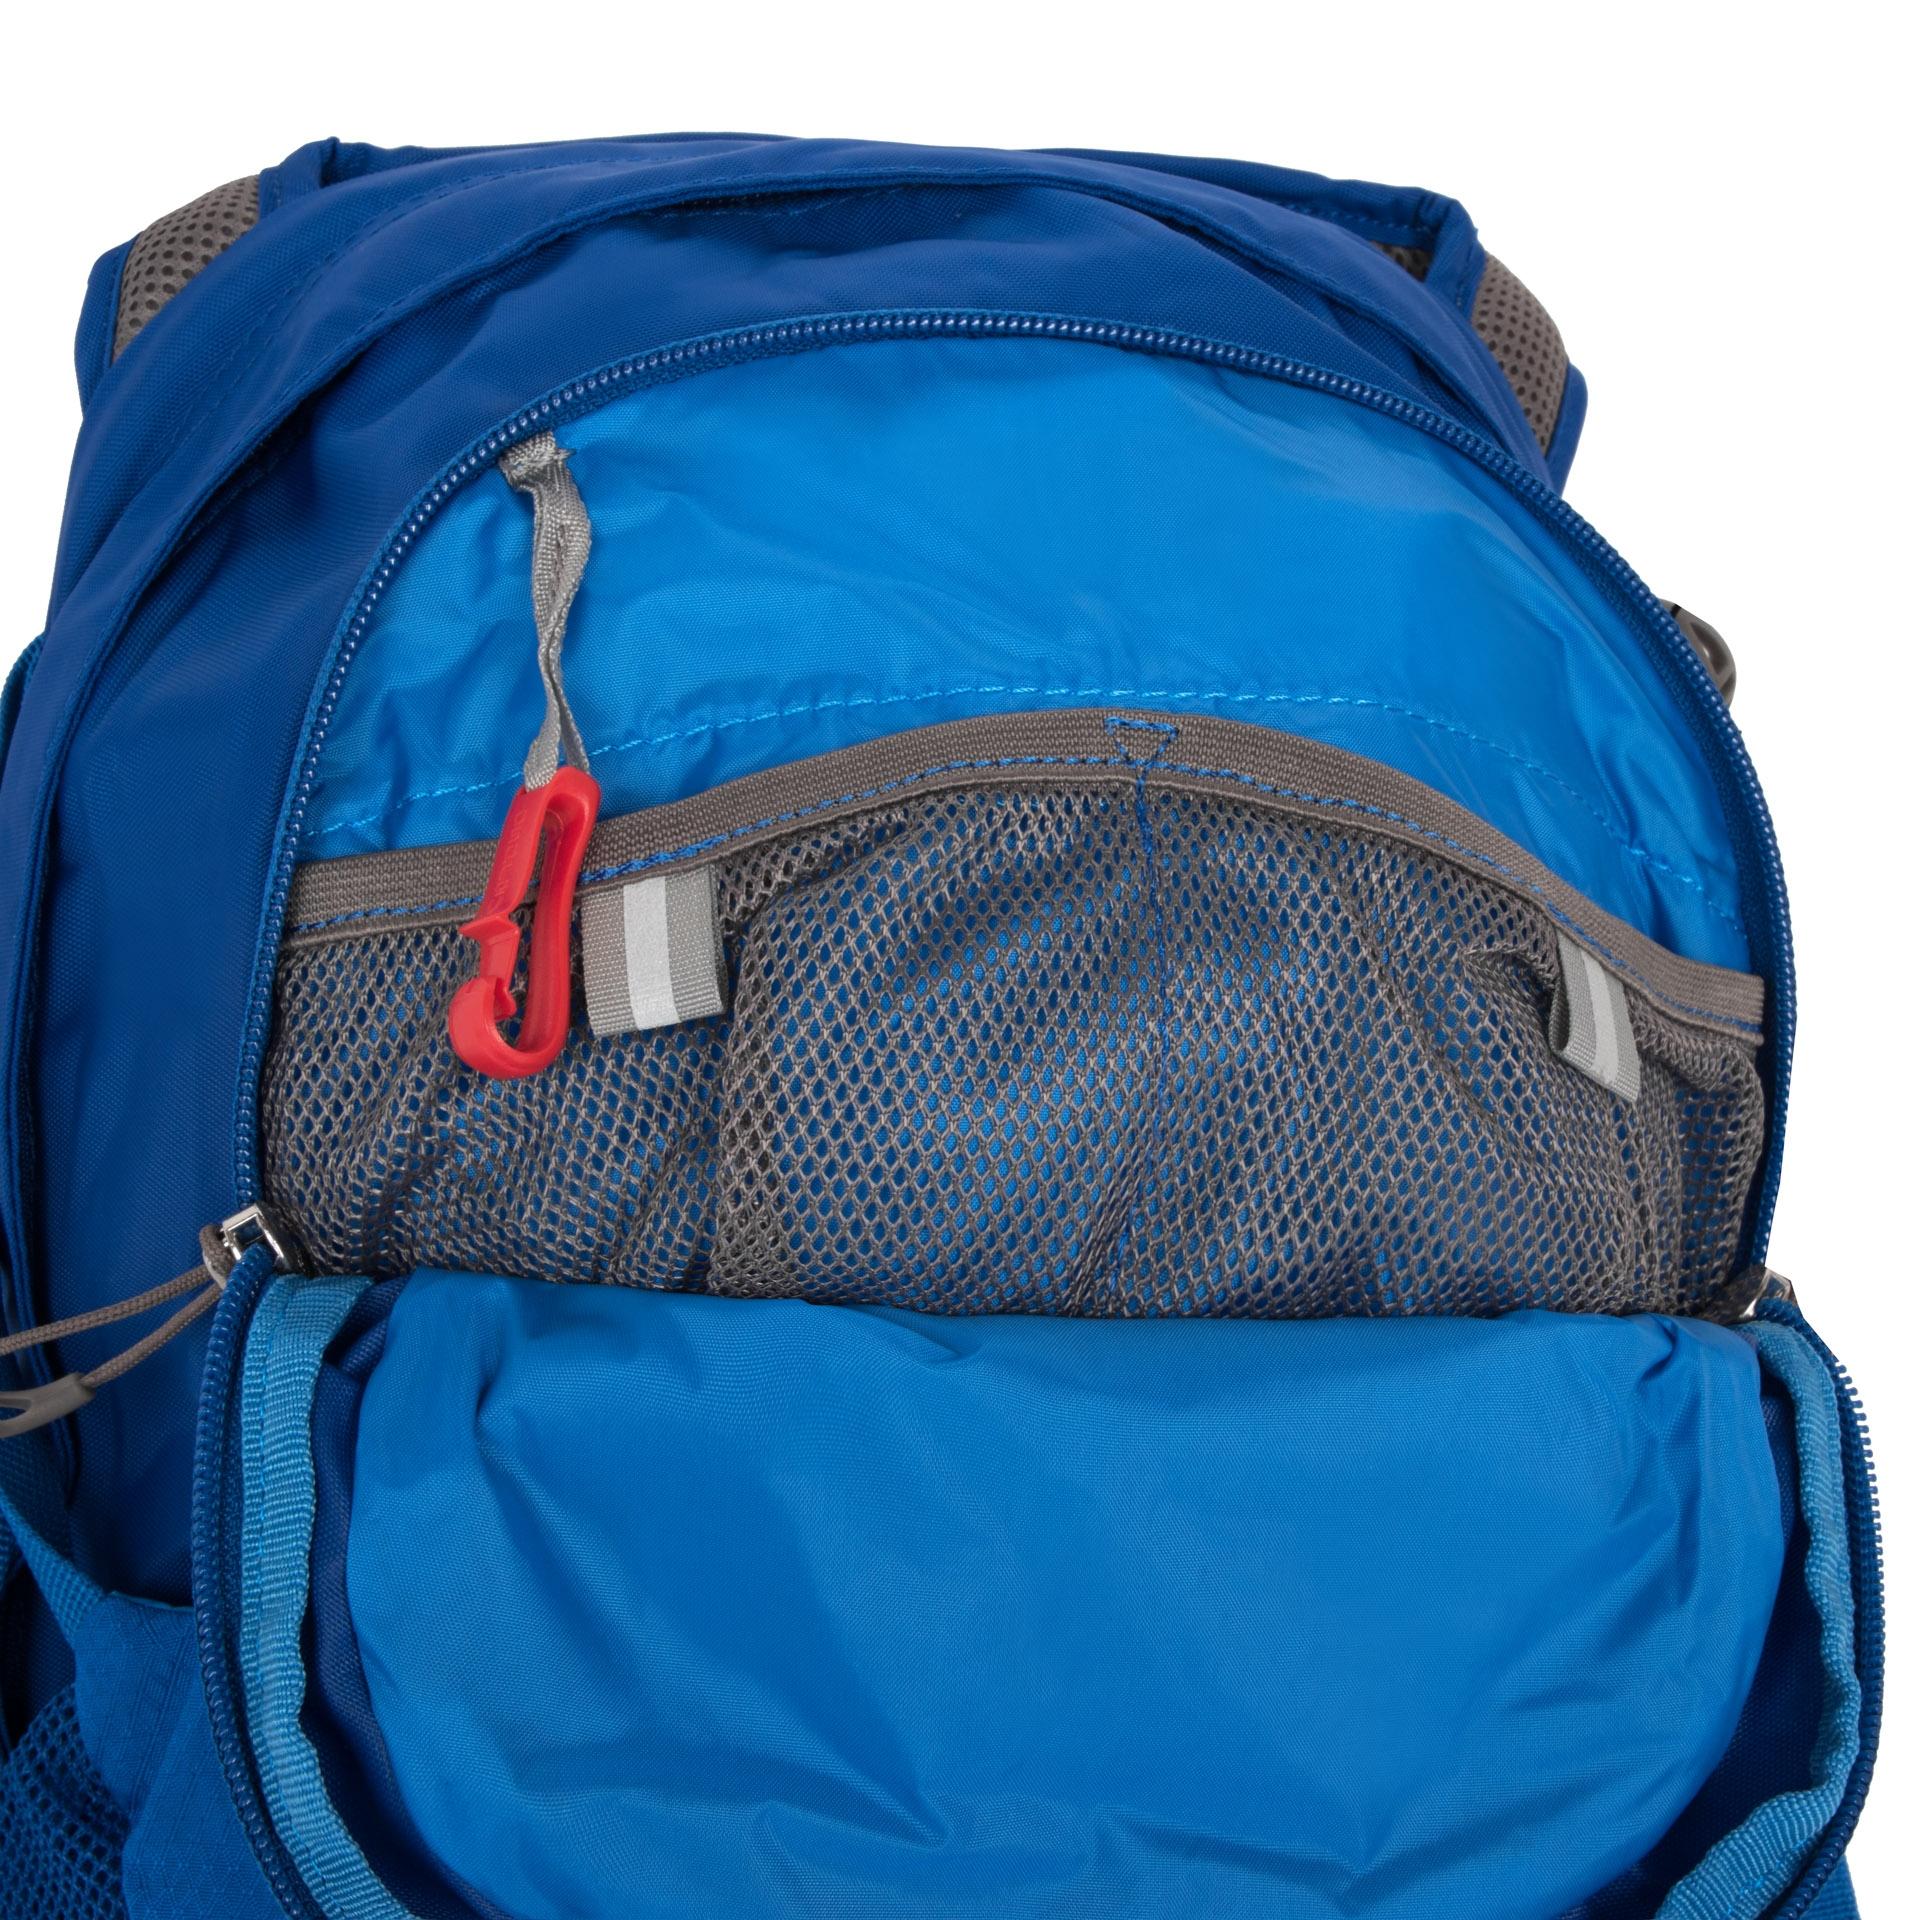 Osprey Daylite II Tahoe blue Cestujete radi naľahko len s pár vecami na chrbte? - vystužený chrbtový panel s perforovaním pre lepšie odvetrávanie a cirkuláciu vzduchu- látková vrecko s pružným lemom na uloženie tabletu- hrudný popruh s pohotovostnou píšťalkou- zatváranie hlavnej komory na zips- vnútorné vrecko na doklady- kompatibilný s vakmi na voduOsprey Hydraulics a Hydraulics LT- karabína na kľúče- odnímateľný bedrový popruh- bočné kompresné popruhy- bočné strečové vrecká- unisex prevedenie- možnosť pripnutia na vybrané turistické batohy Osprey